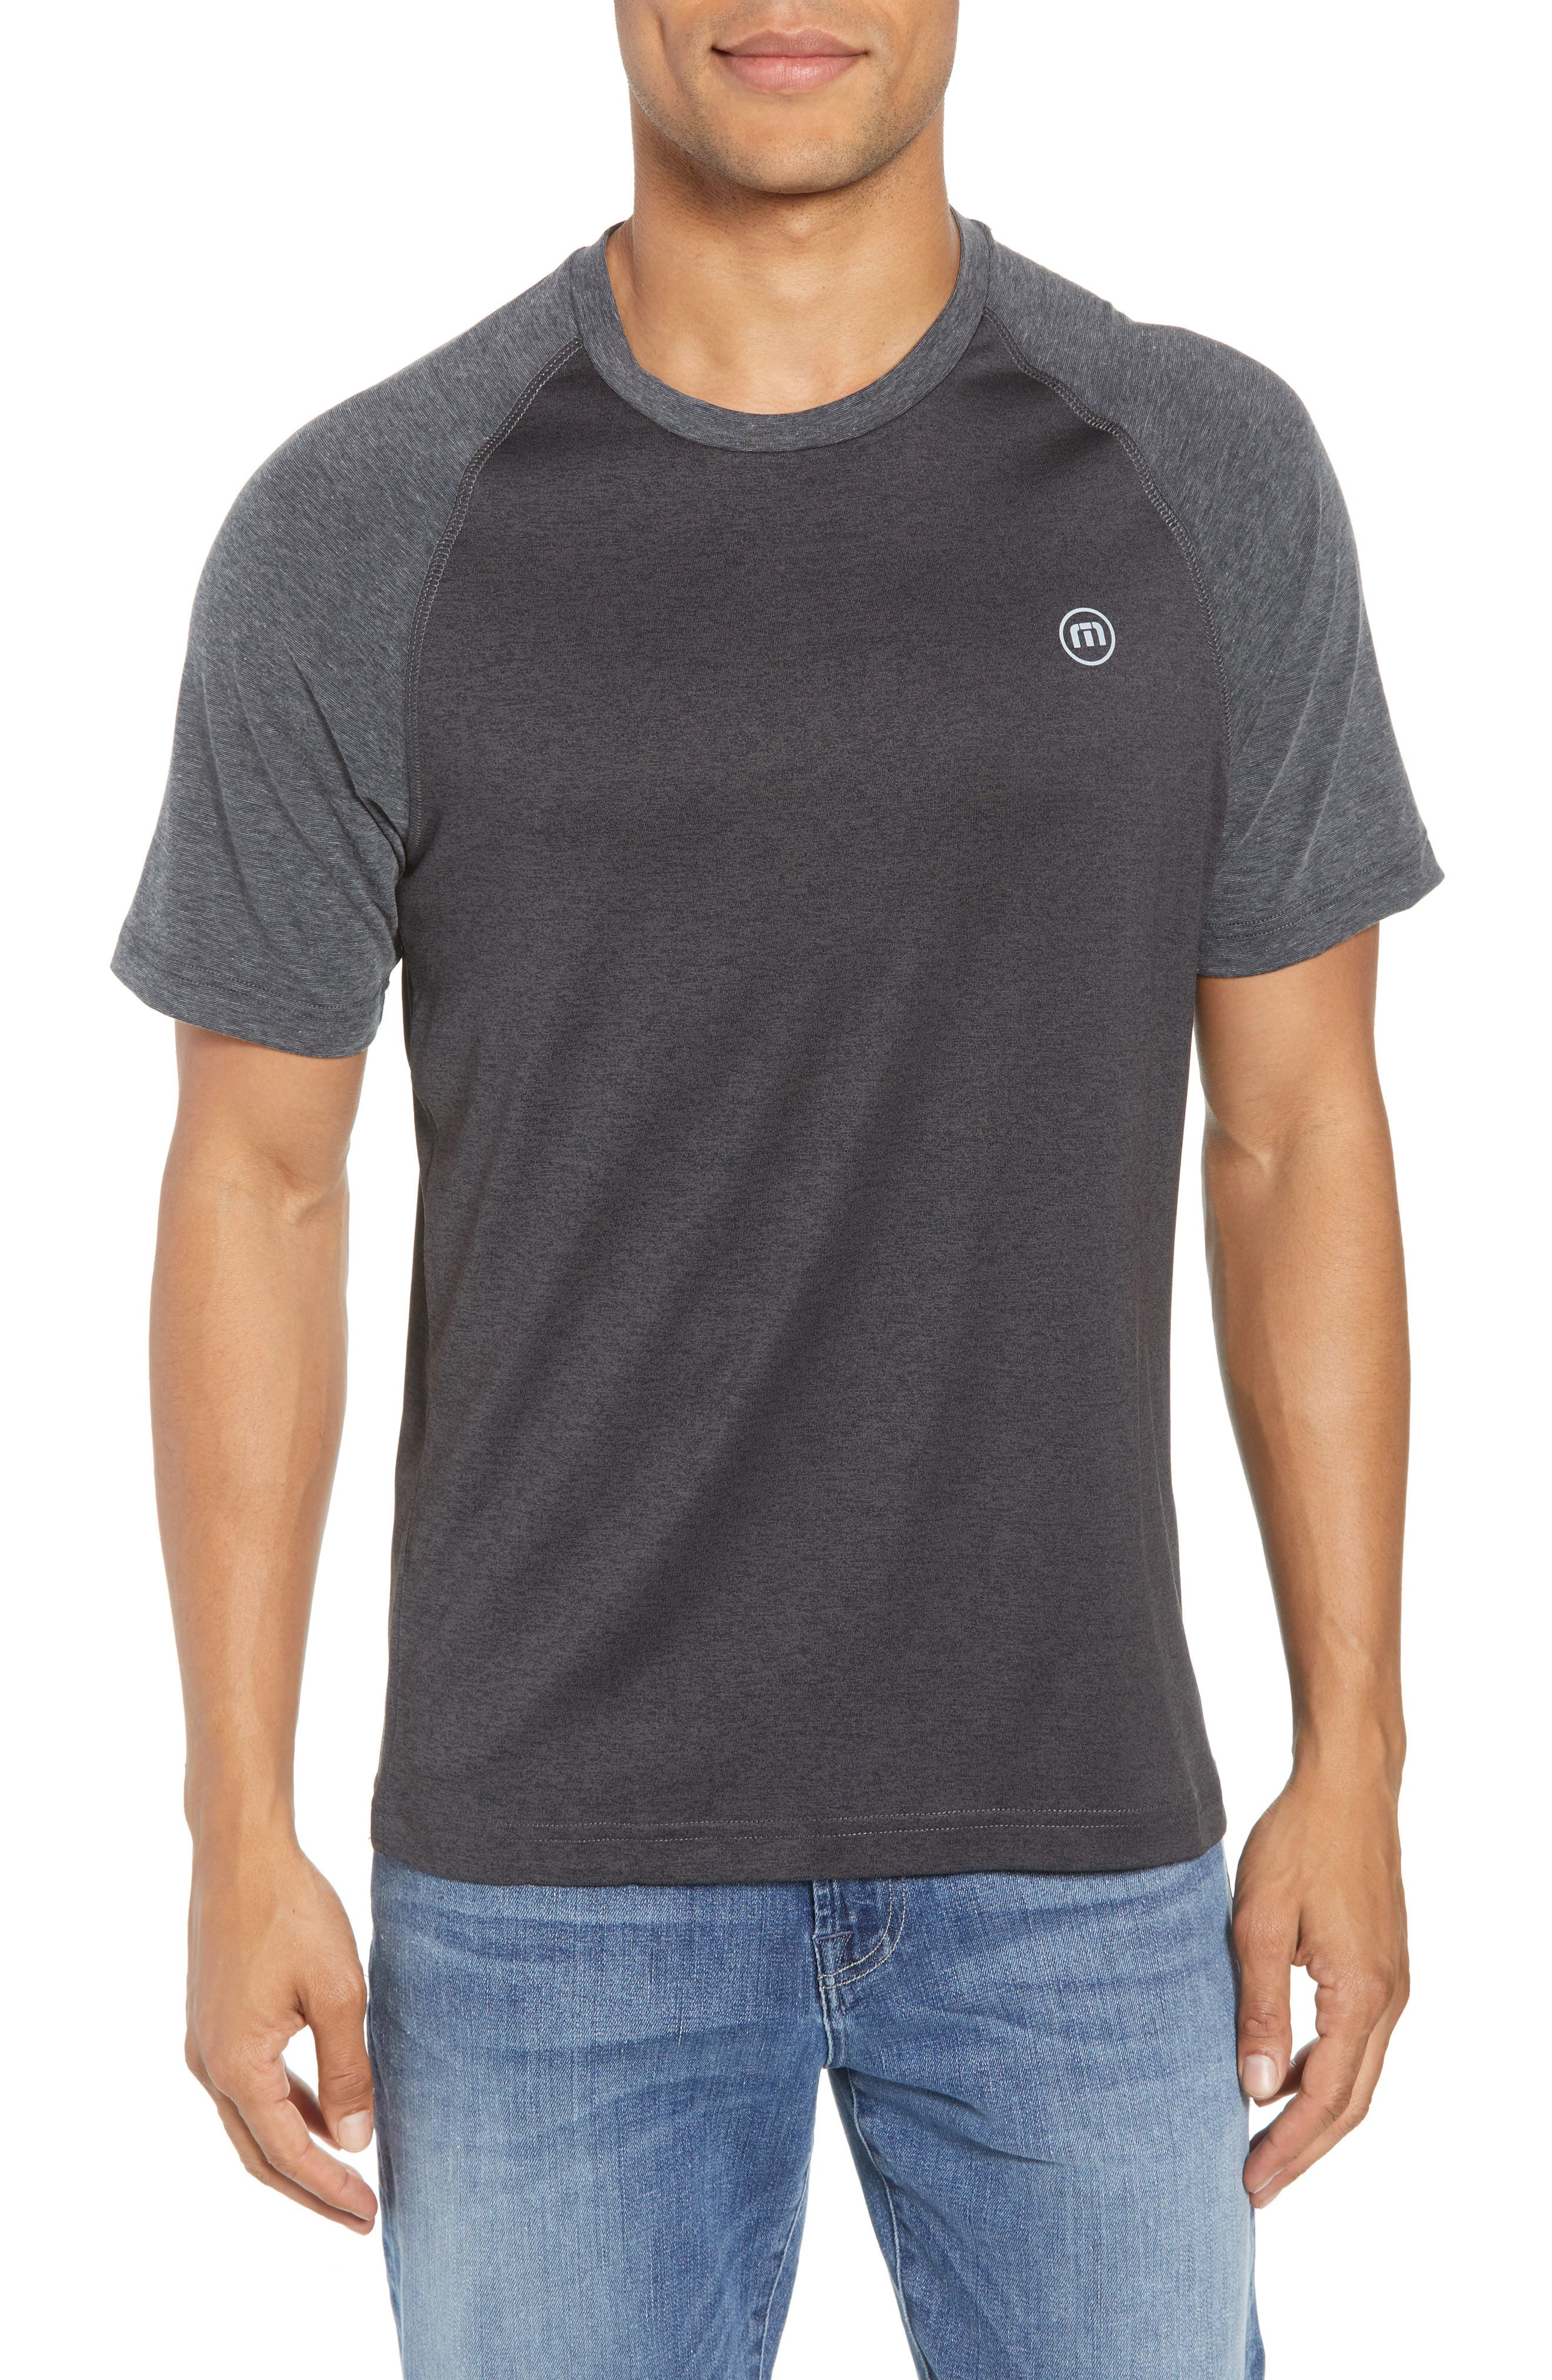 Travis Mathew Bearing Raglan Performance T-Shirt